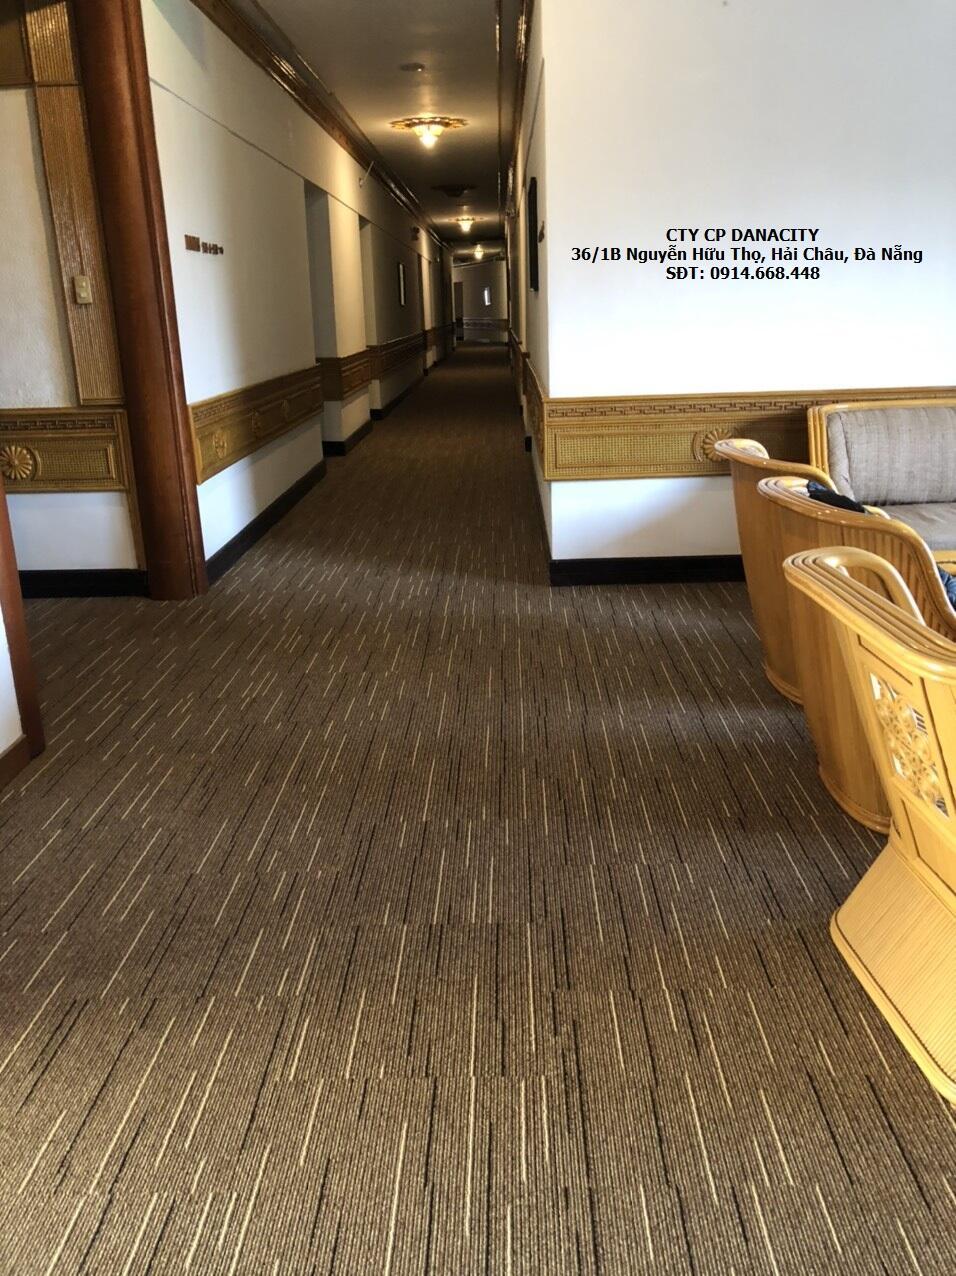 Thảm trải sàn tại đà nẵngsử dụng trải văn phòng tạo nét khác biệt, ấm cúng cho phòng làm việc